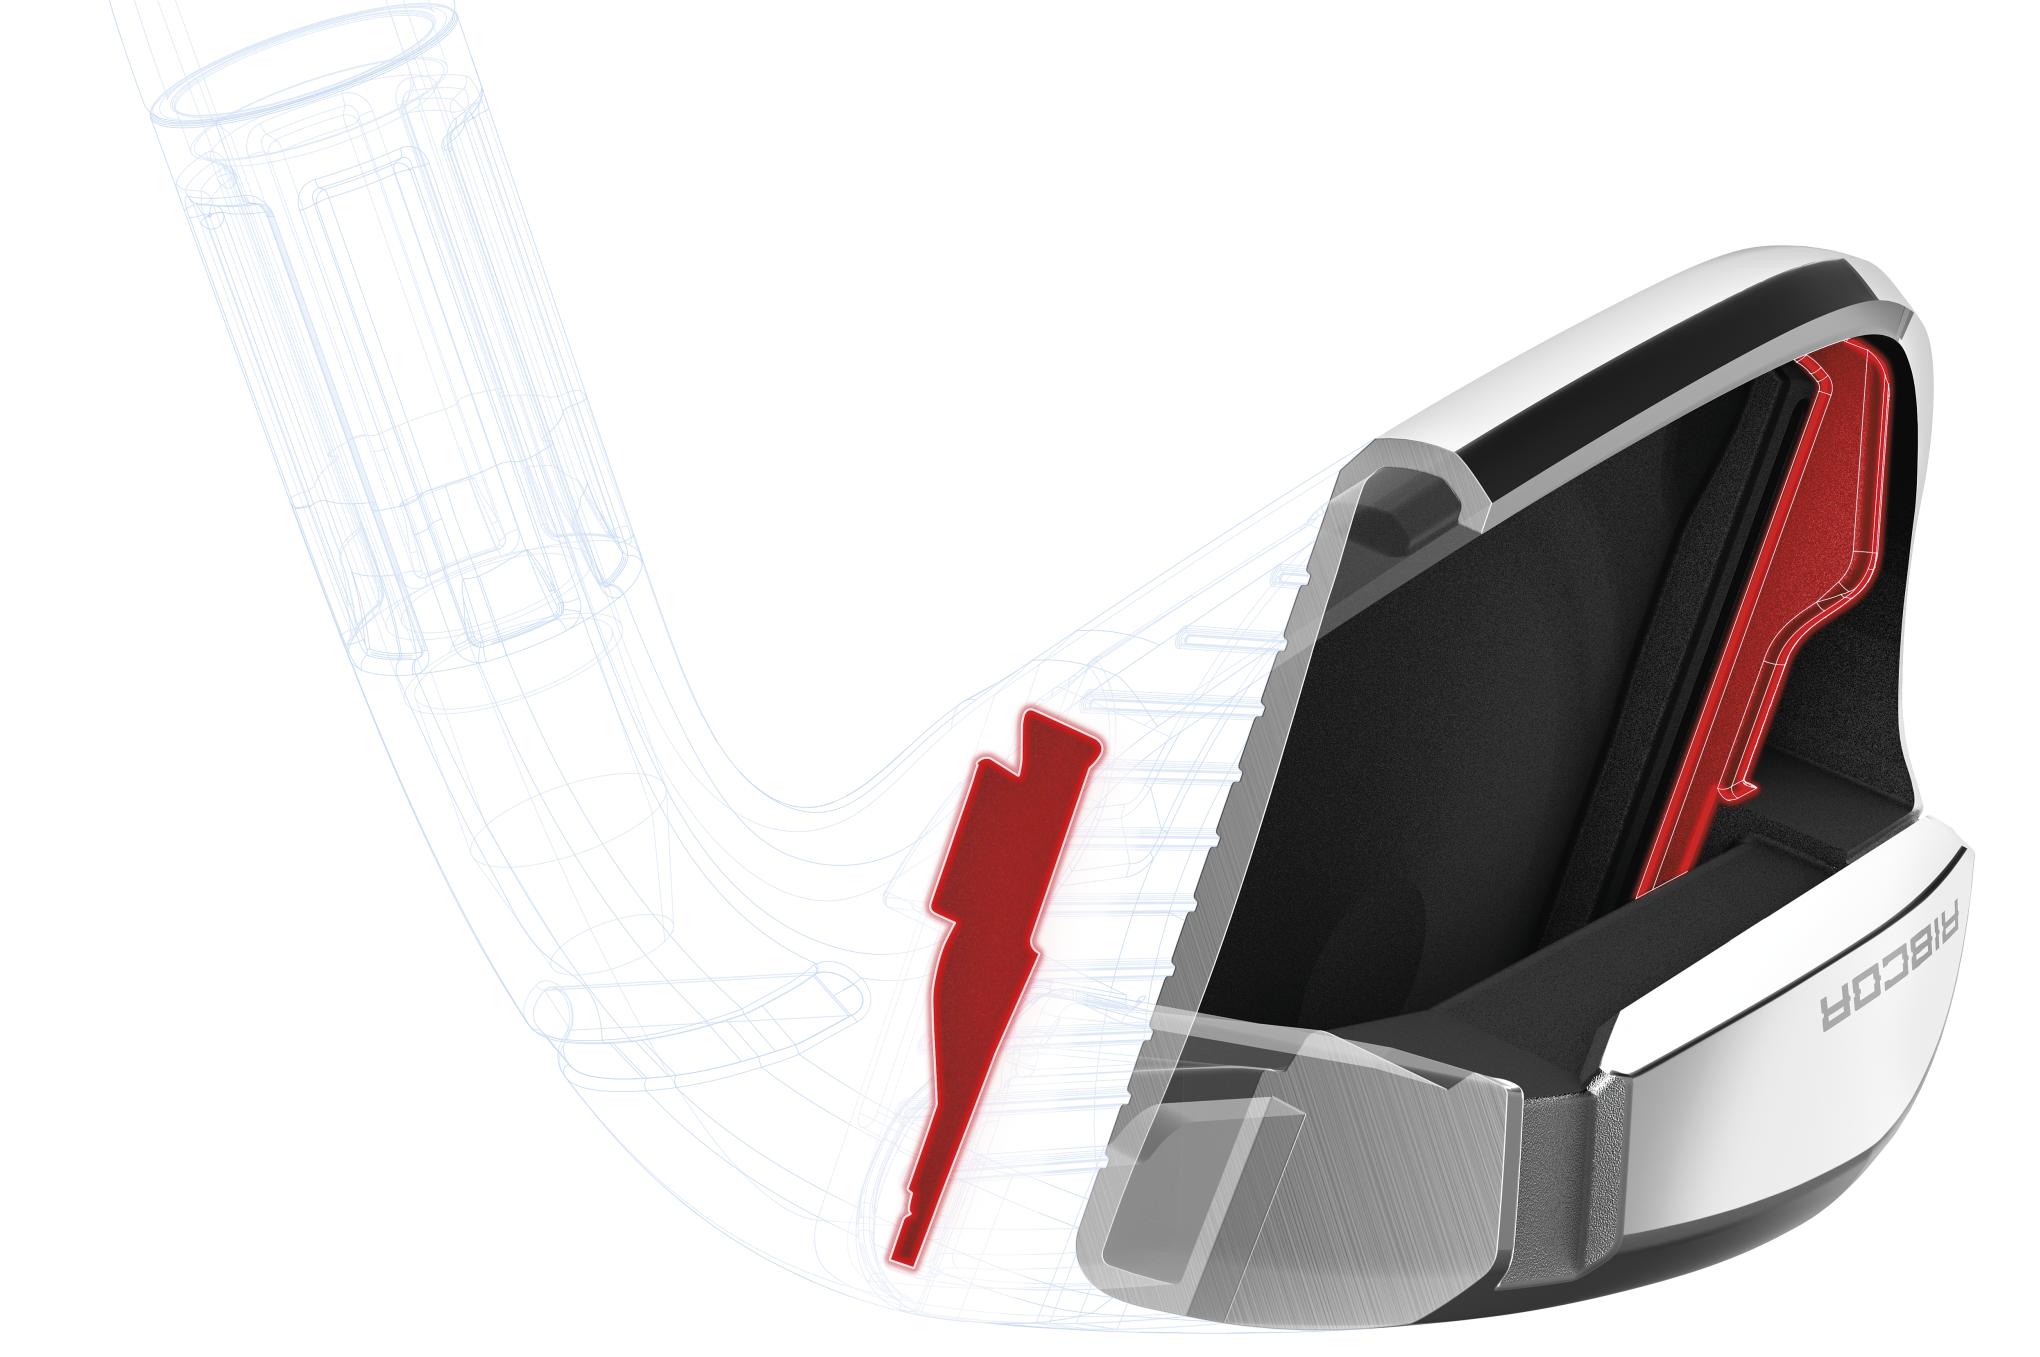 TaylorMade m2 and m4 irons - ribcor cutaway